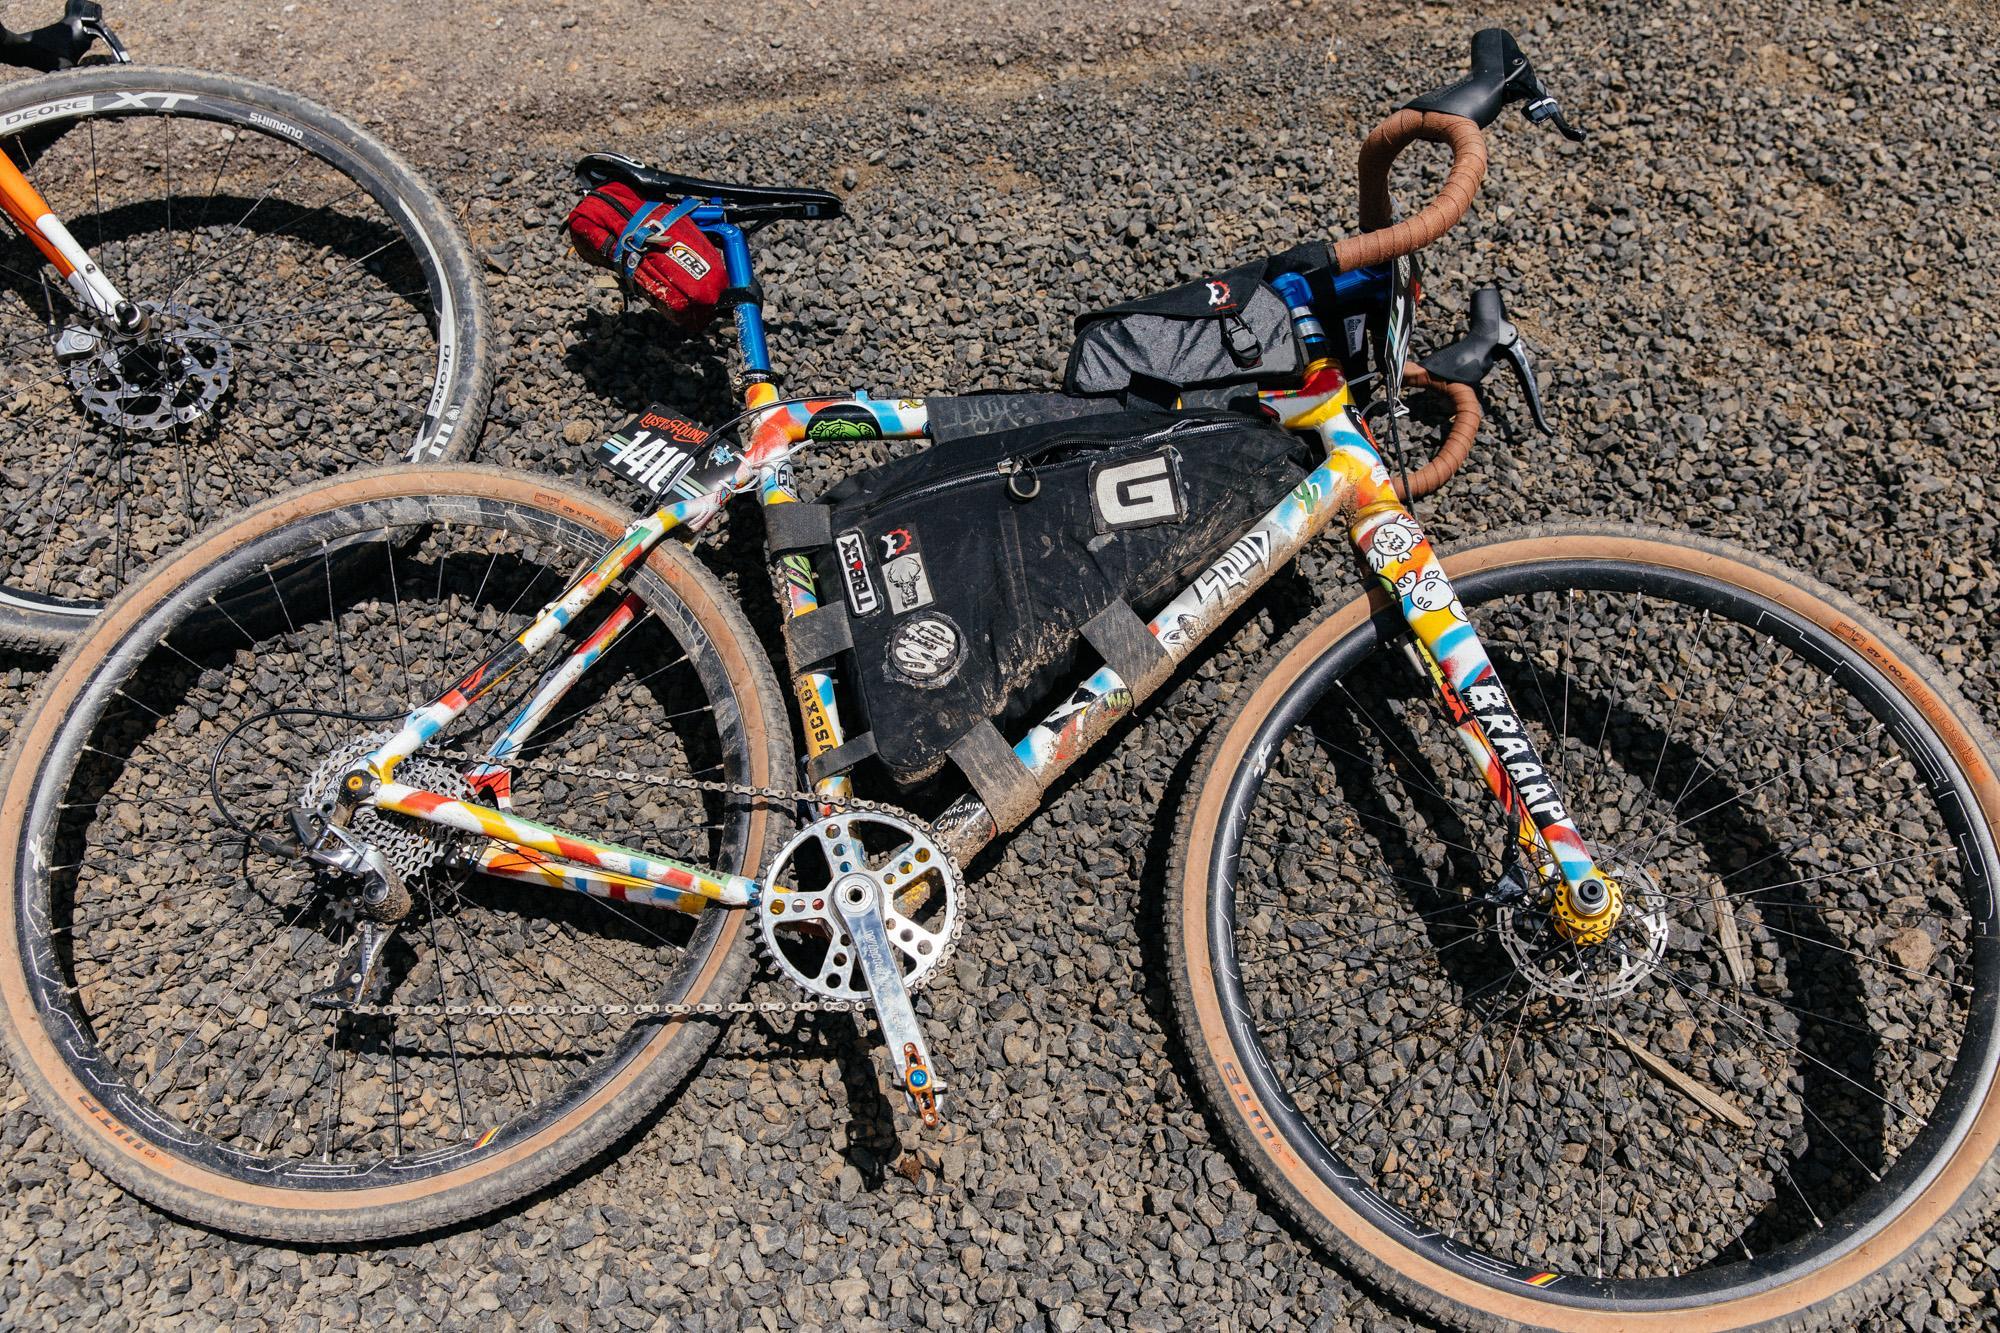 Nice bike, Hunter!